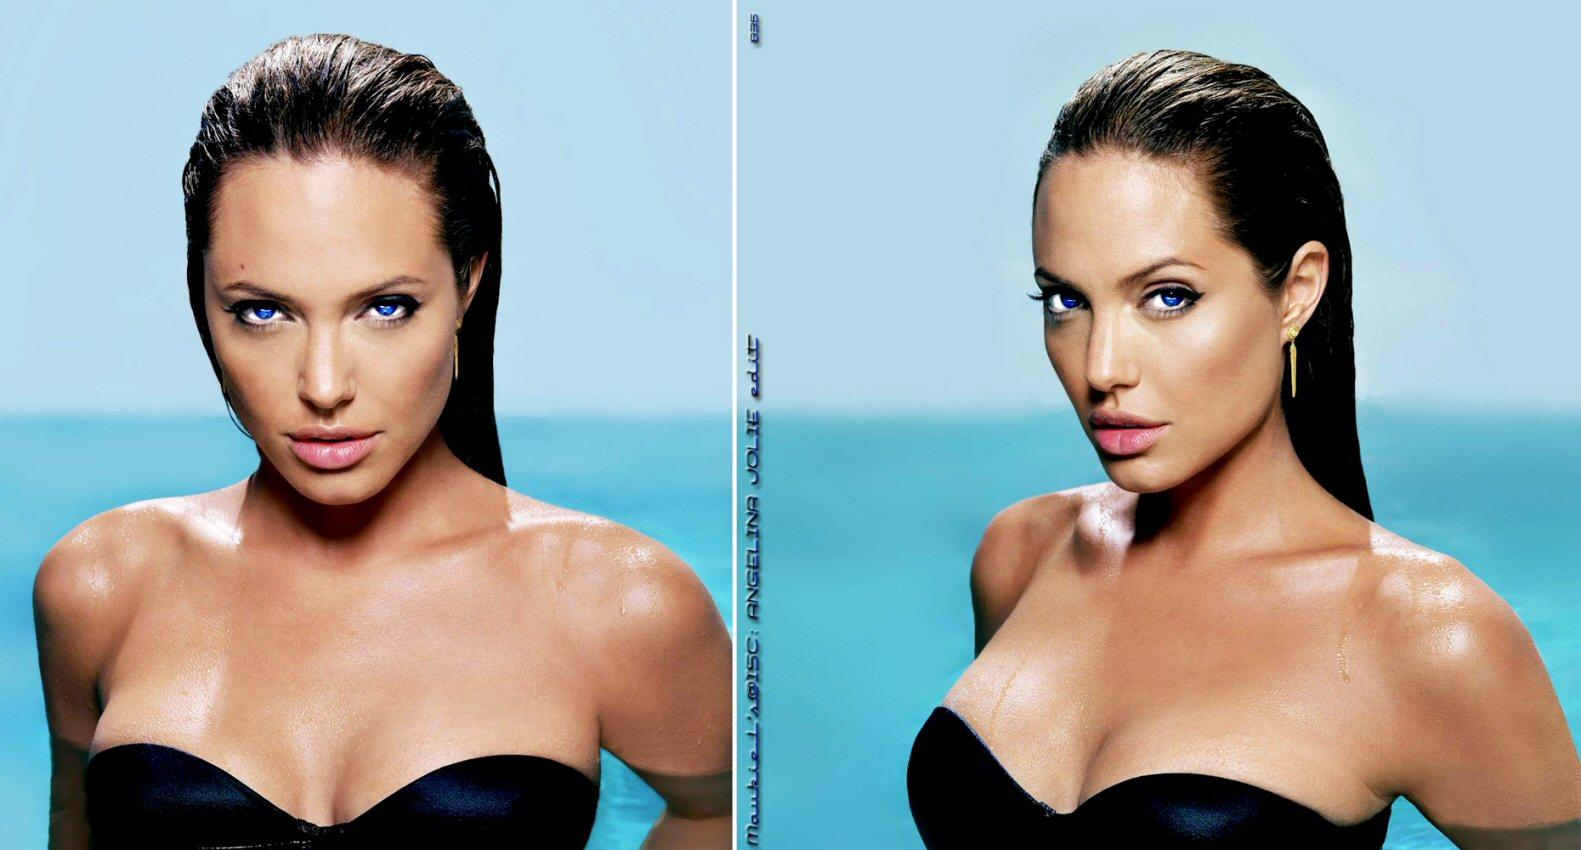 http://1.bp.blogspot.com/-P8Rsa6uaBCI/TovCFaU9HqI/AAAAAAAALdQ/NLI4aJ-s4Xo/s1600/703_Maukie_L_ISC_Angelina_Jolie.jpg